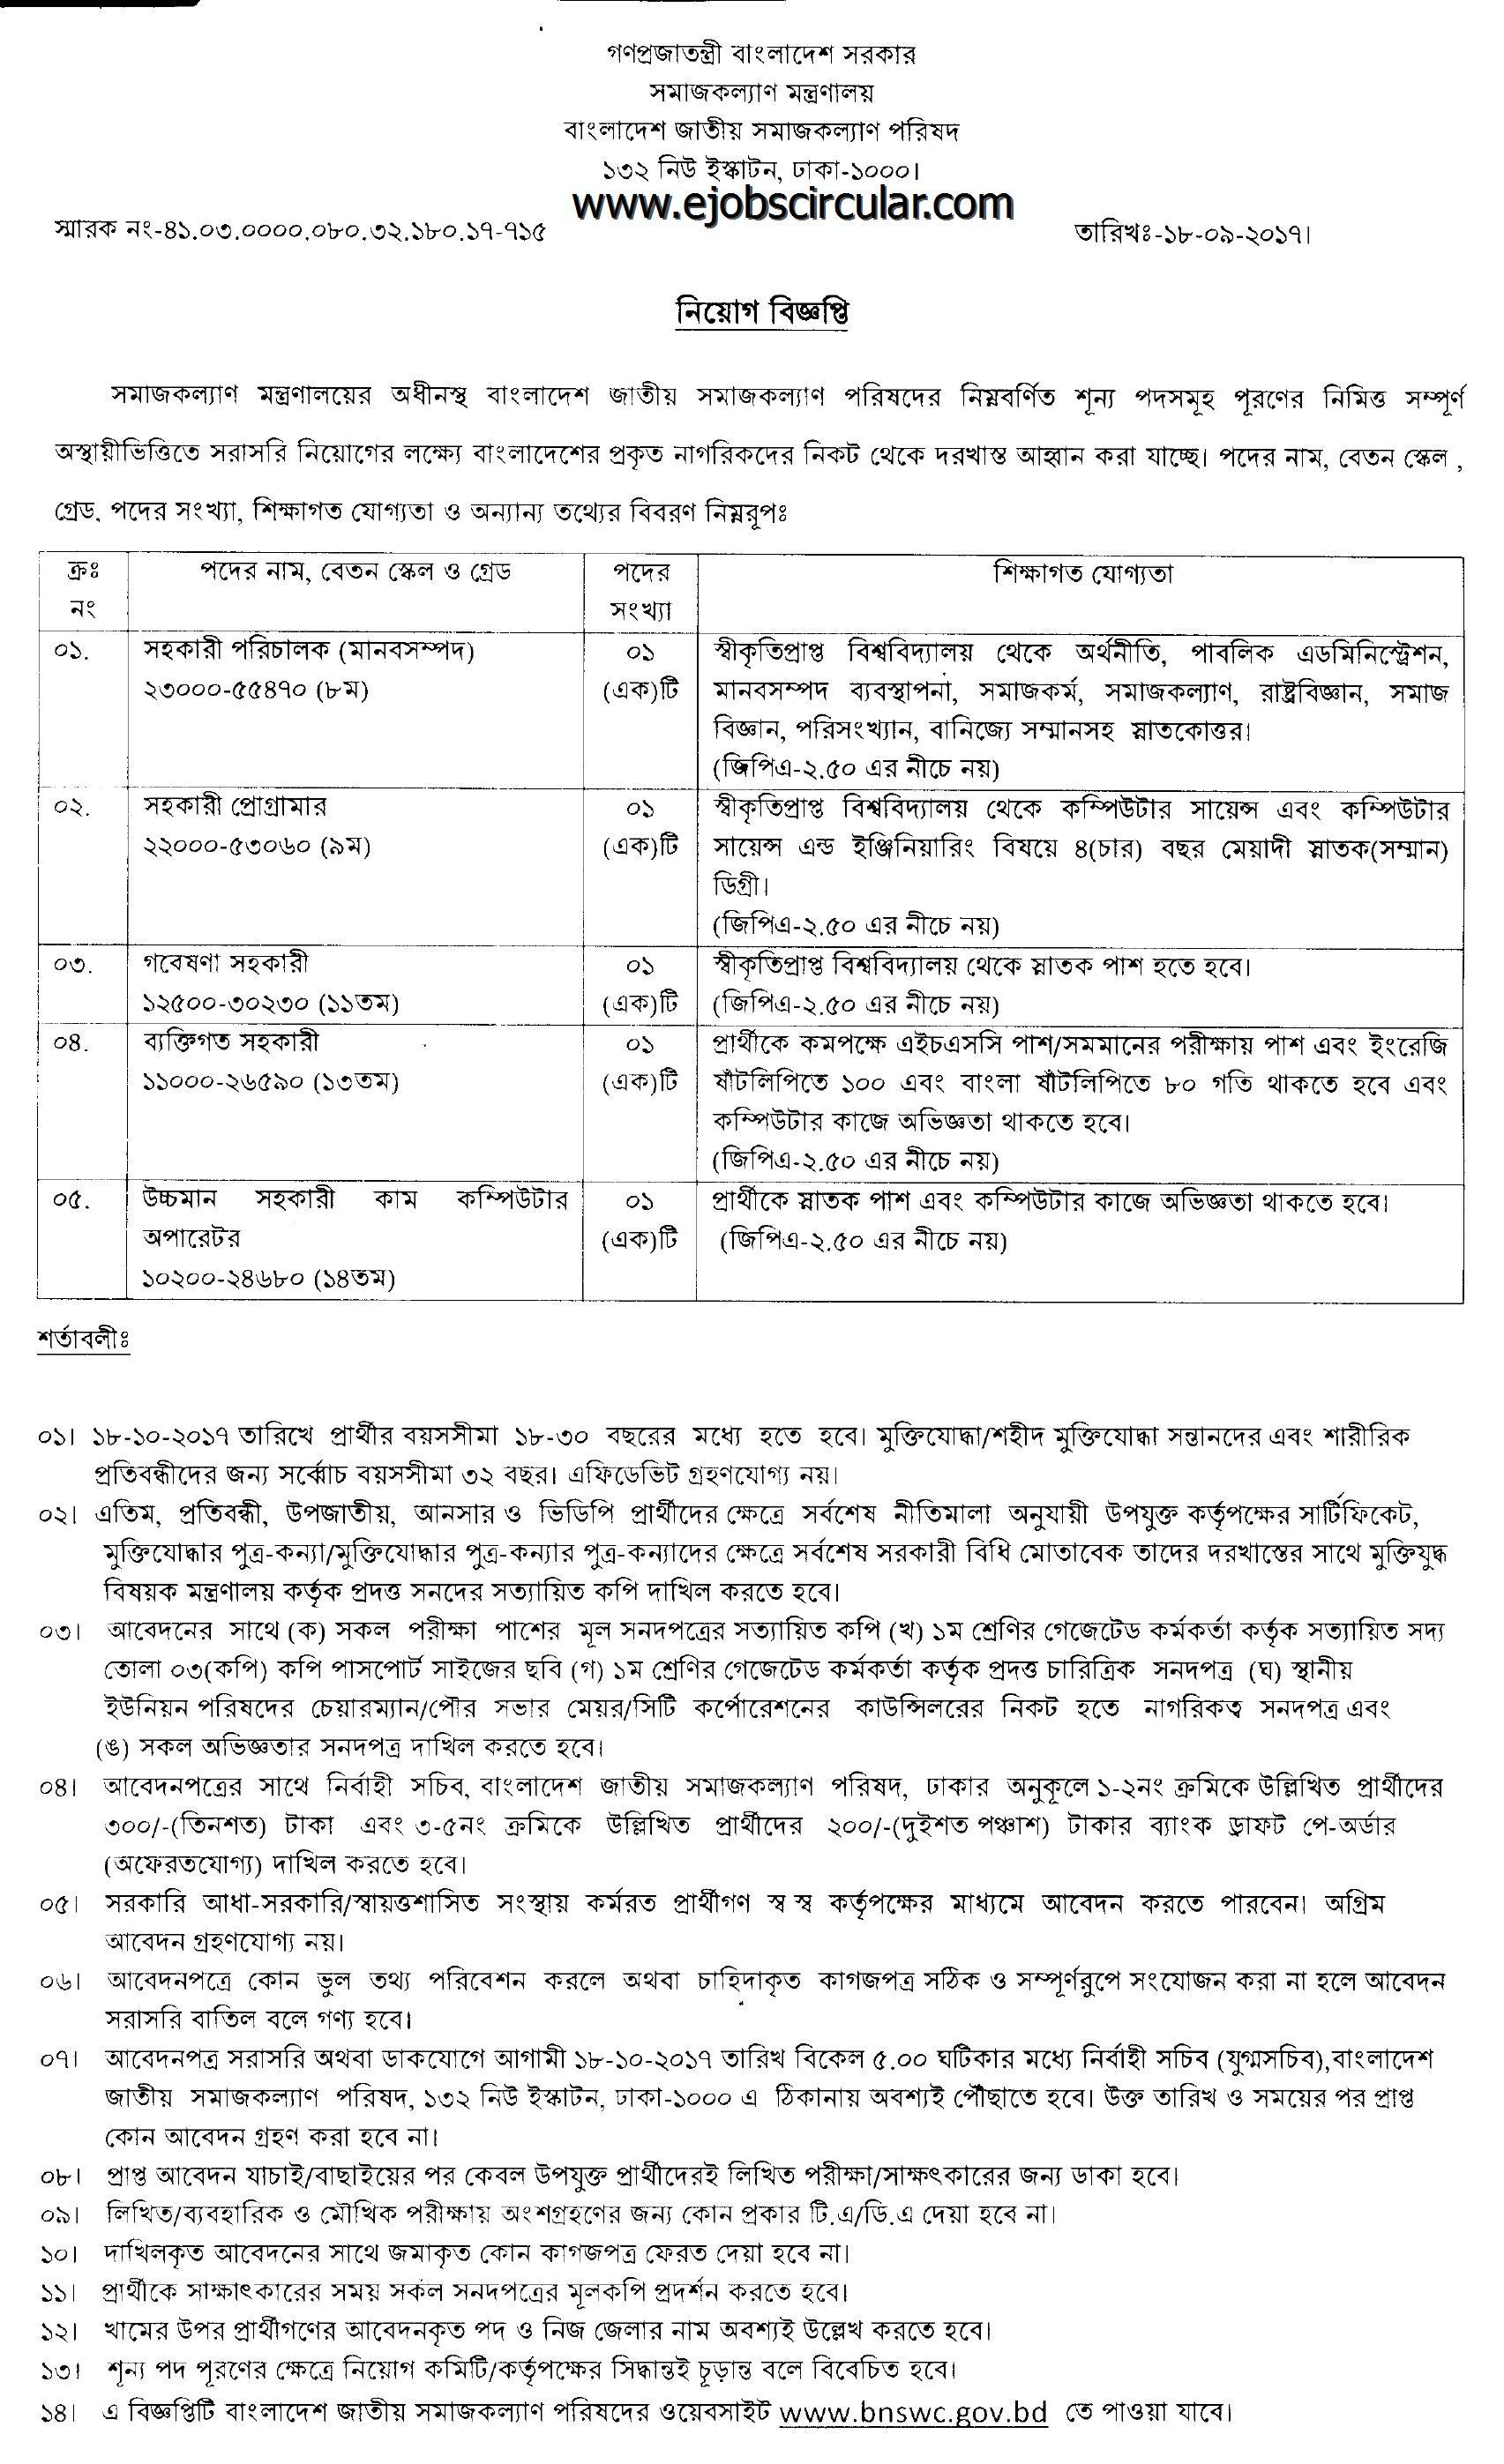 bnswc Job circular